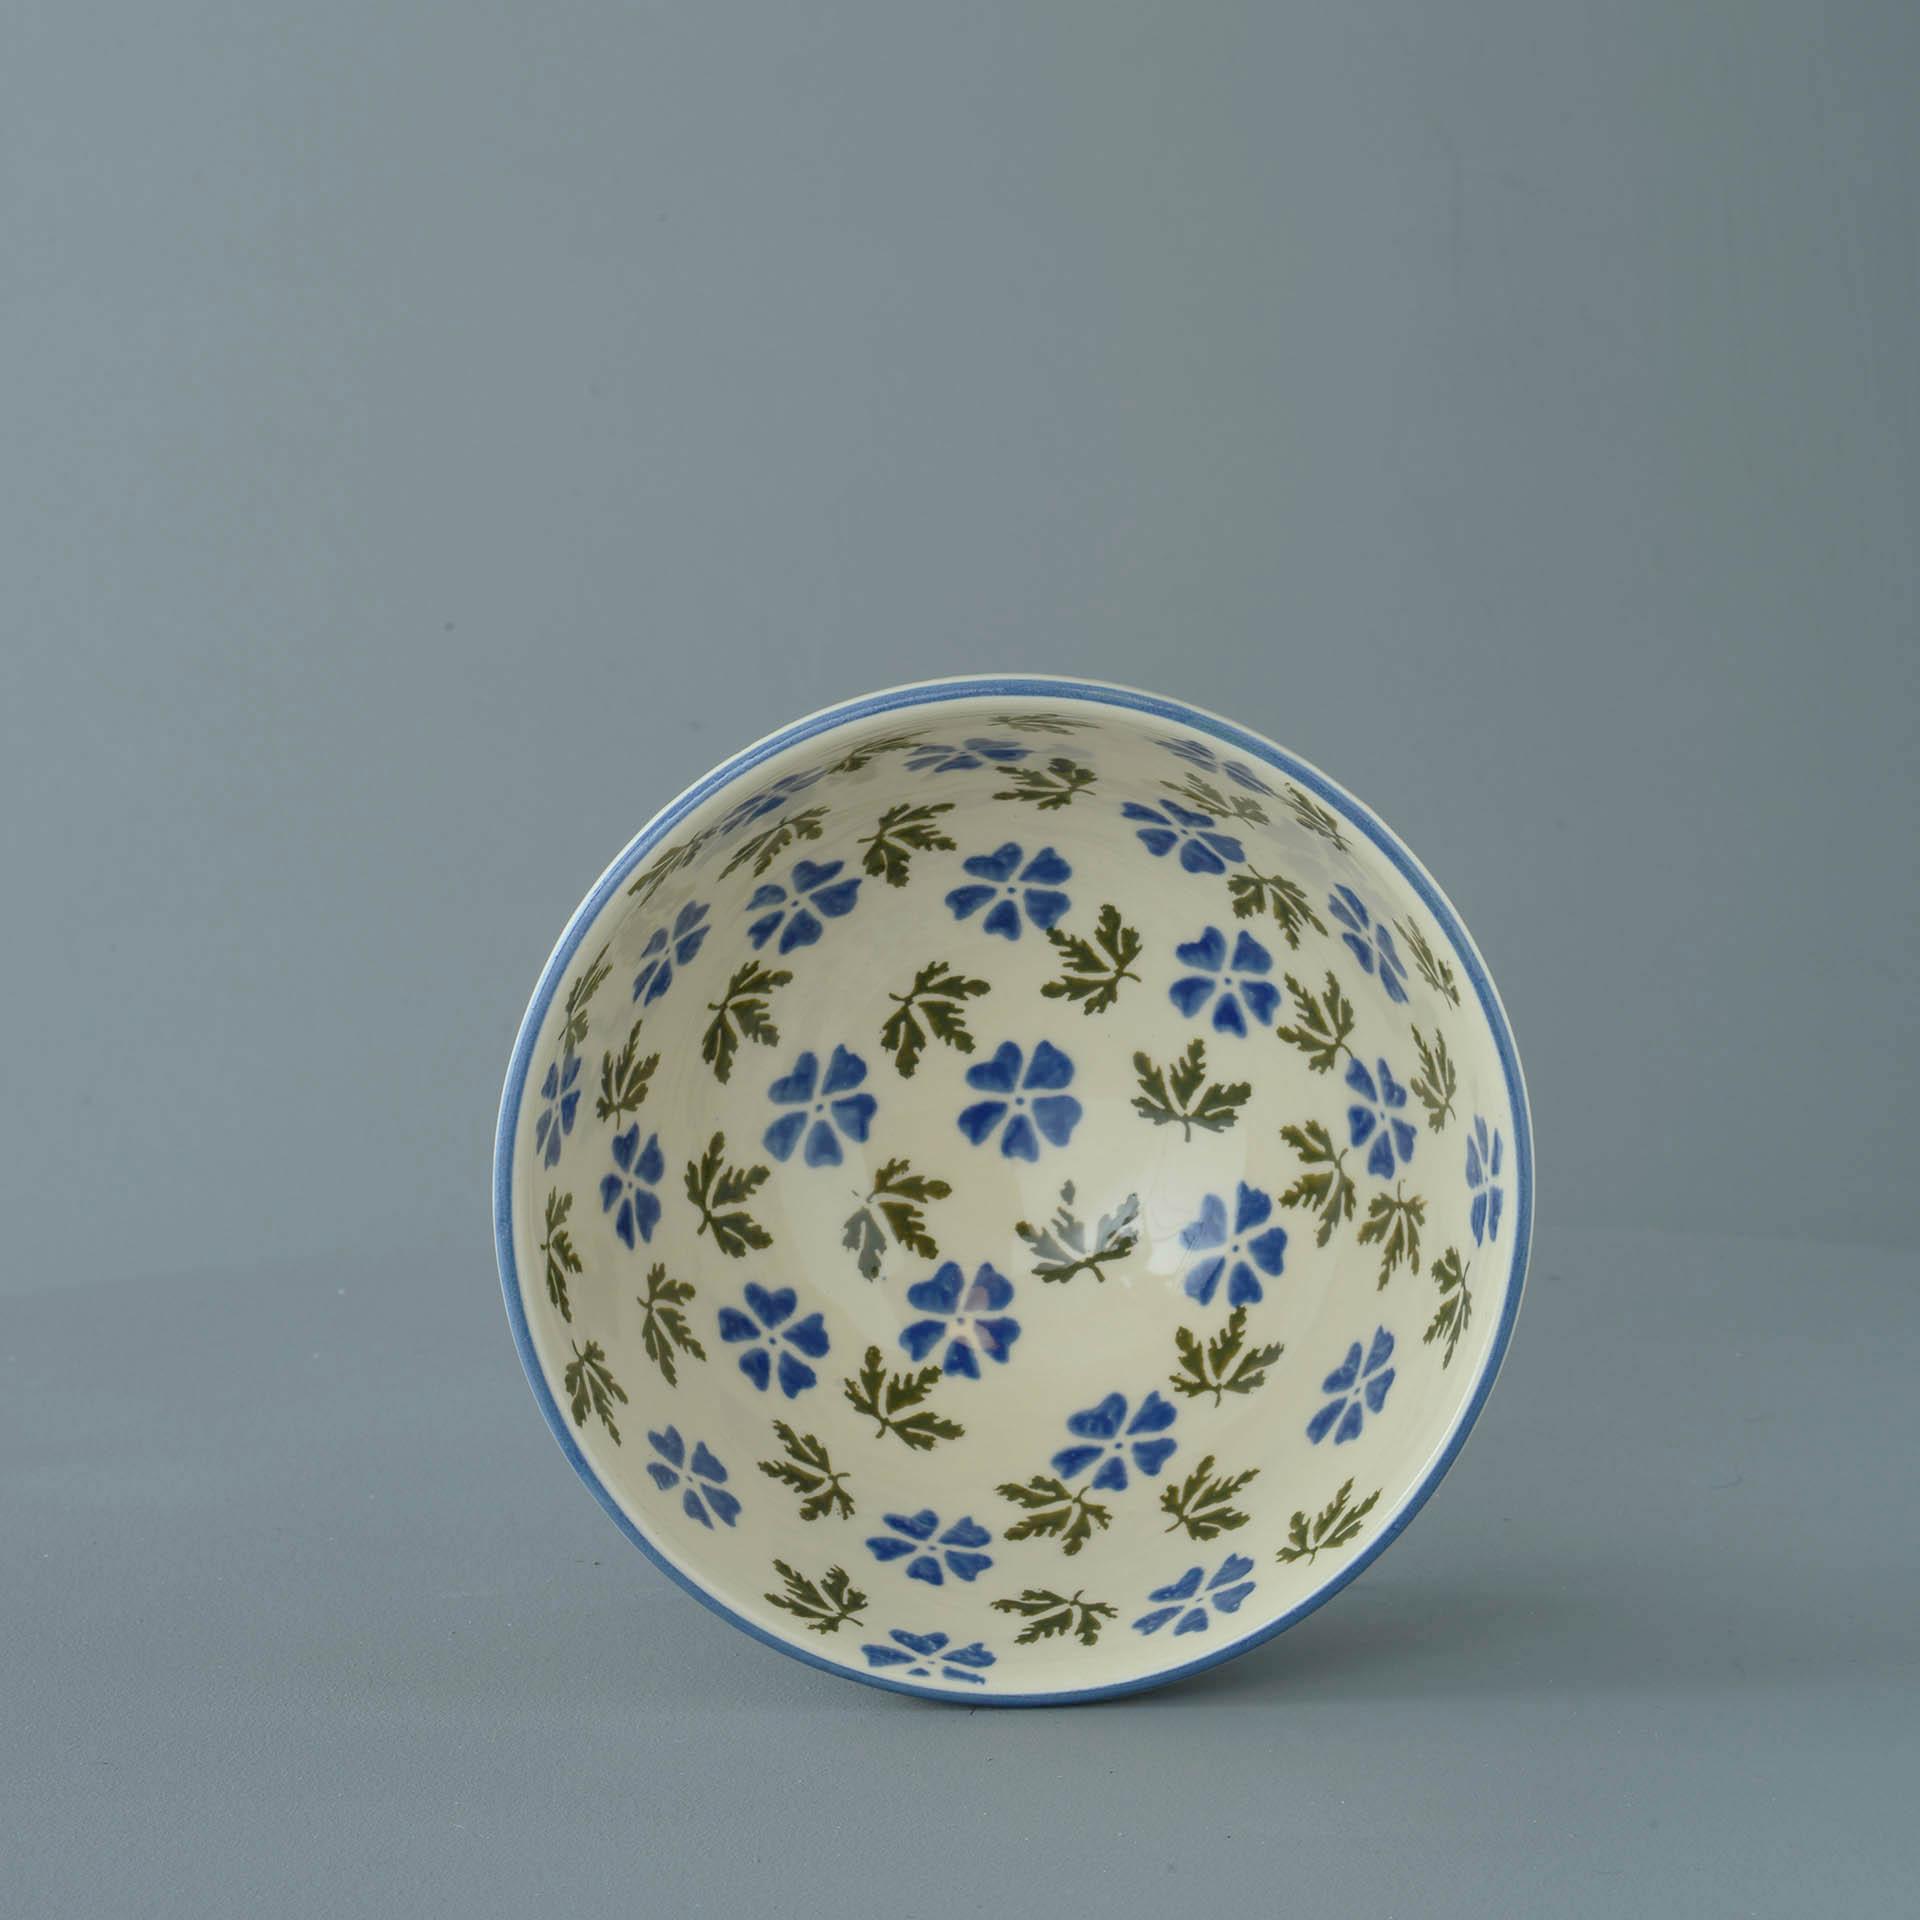 Geranium Soup Bowl 9 x 15.5cm